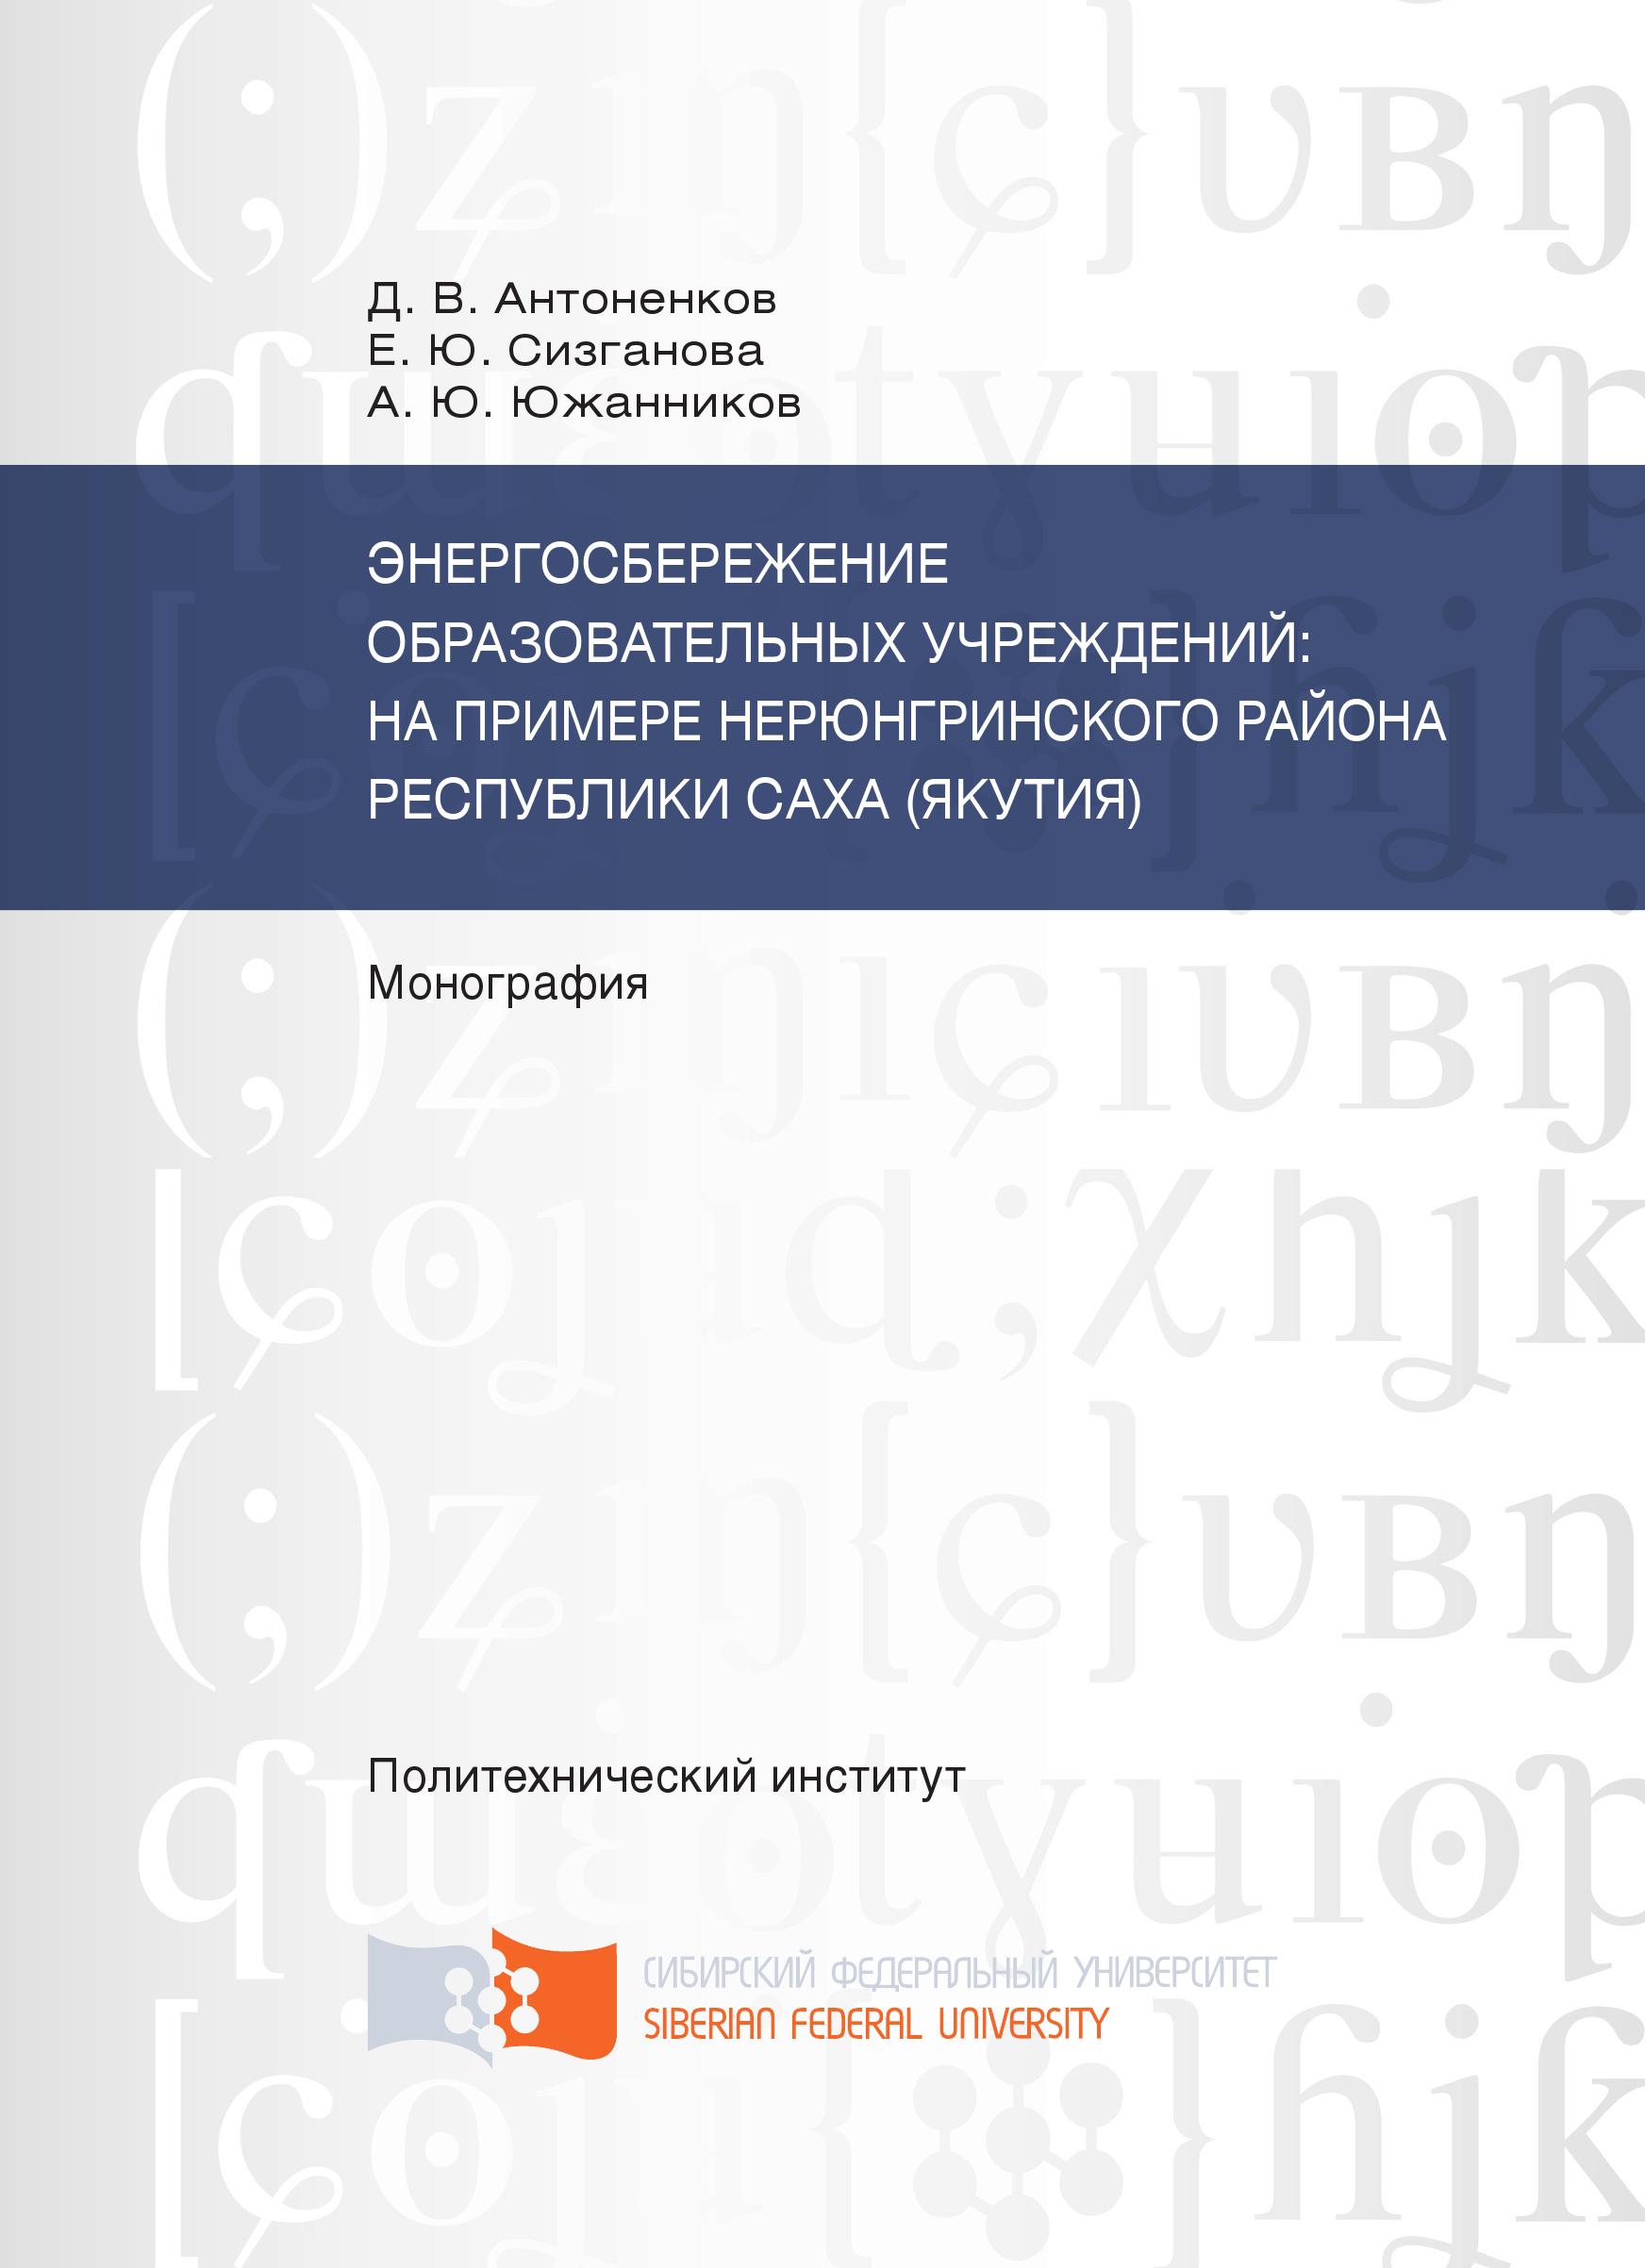 Евгения Сизганова Энергосбережение образовательных учреждений: на примере Нерюнгринского района Республики Саха (Якутия) авиабилеты дешевые якутия